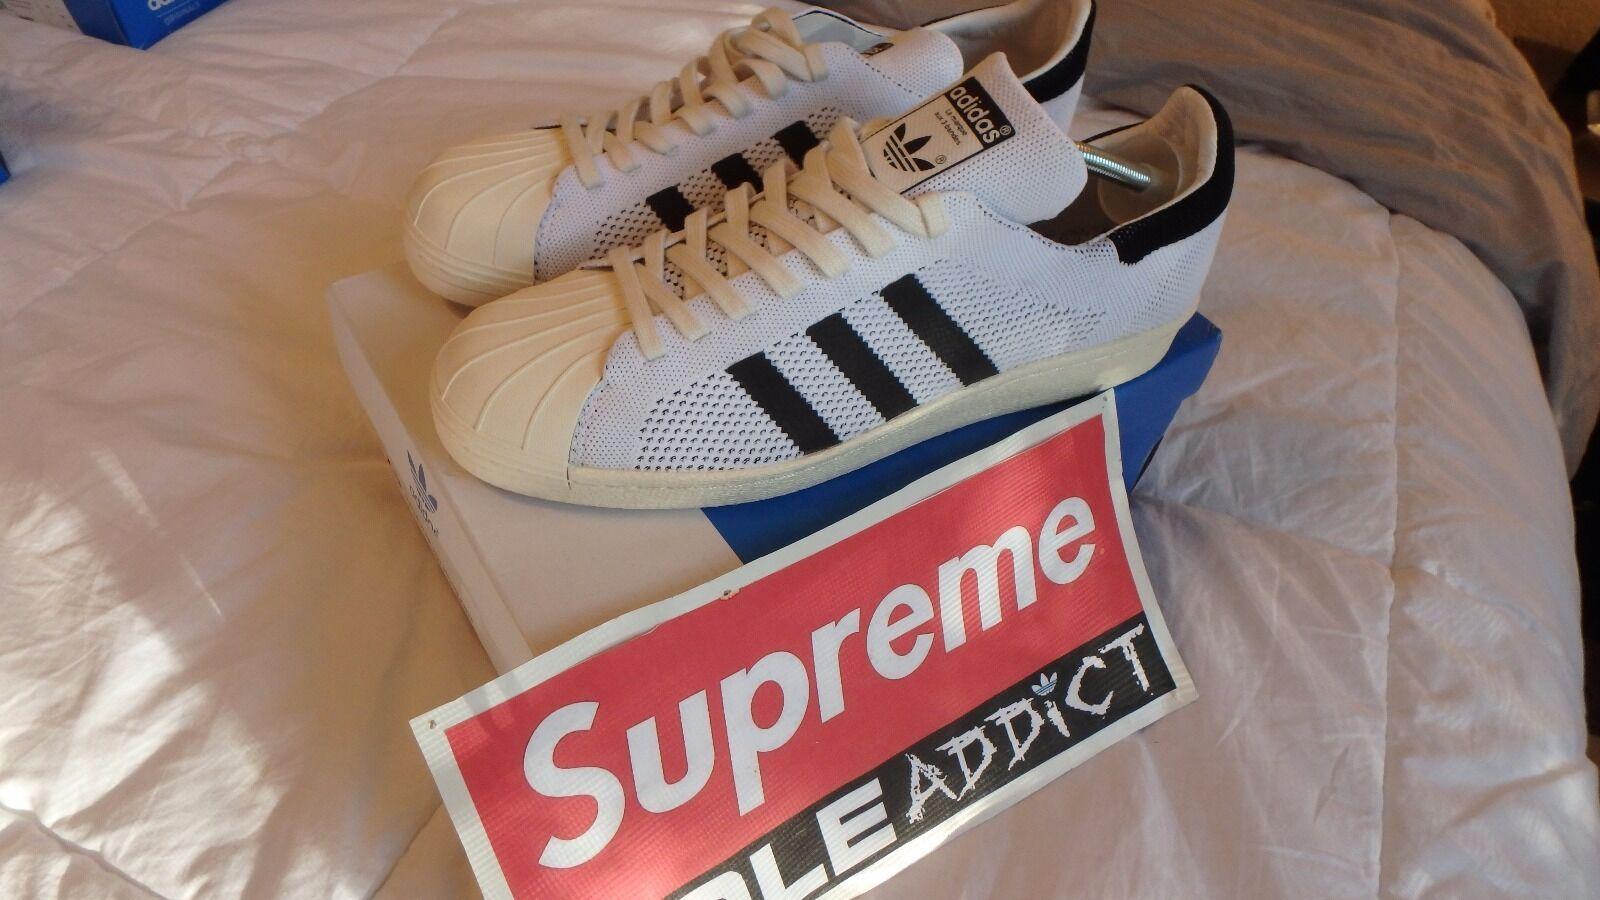 adidas - superstar der 80er - adidas jahre primeknit größe 11,5 kunst s82779 datum 07 / 15 af31d9